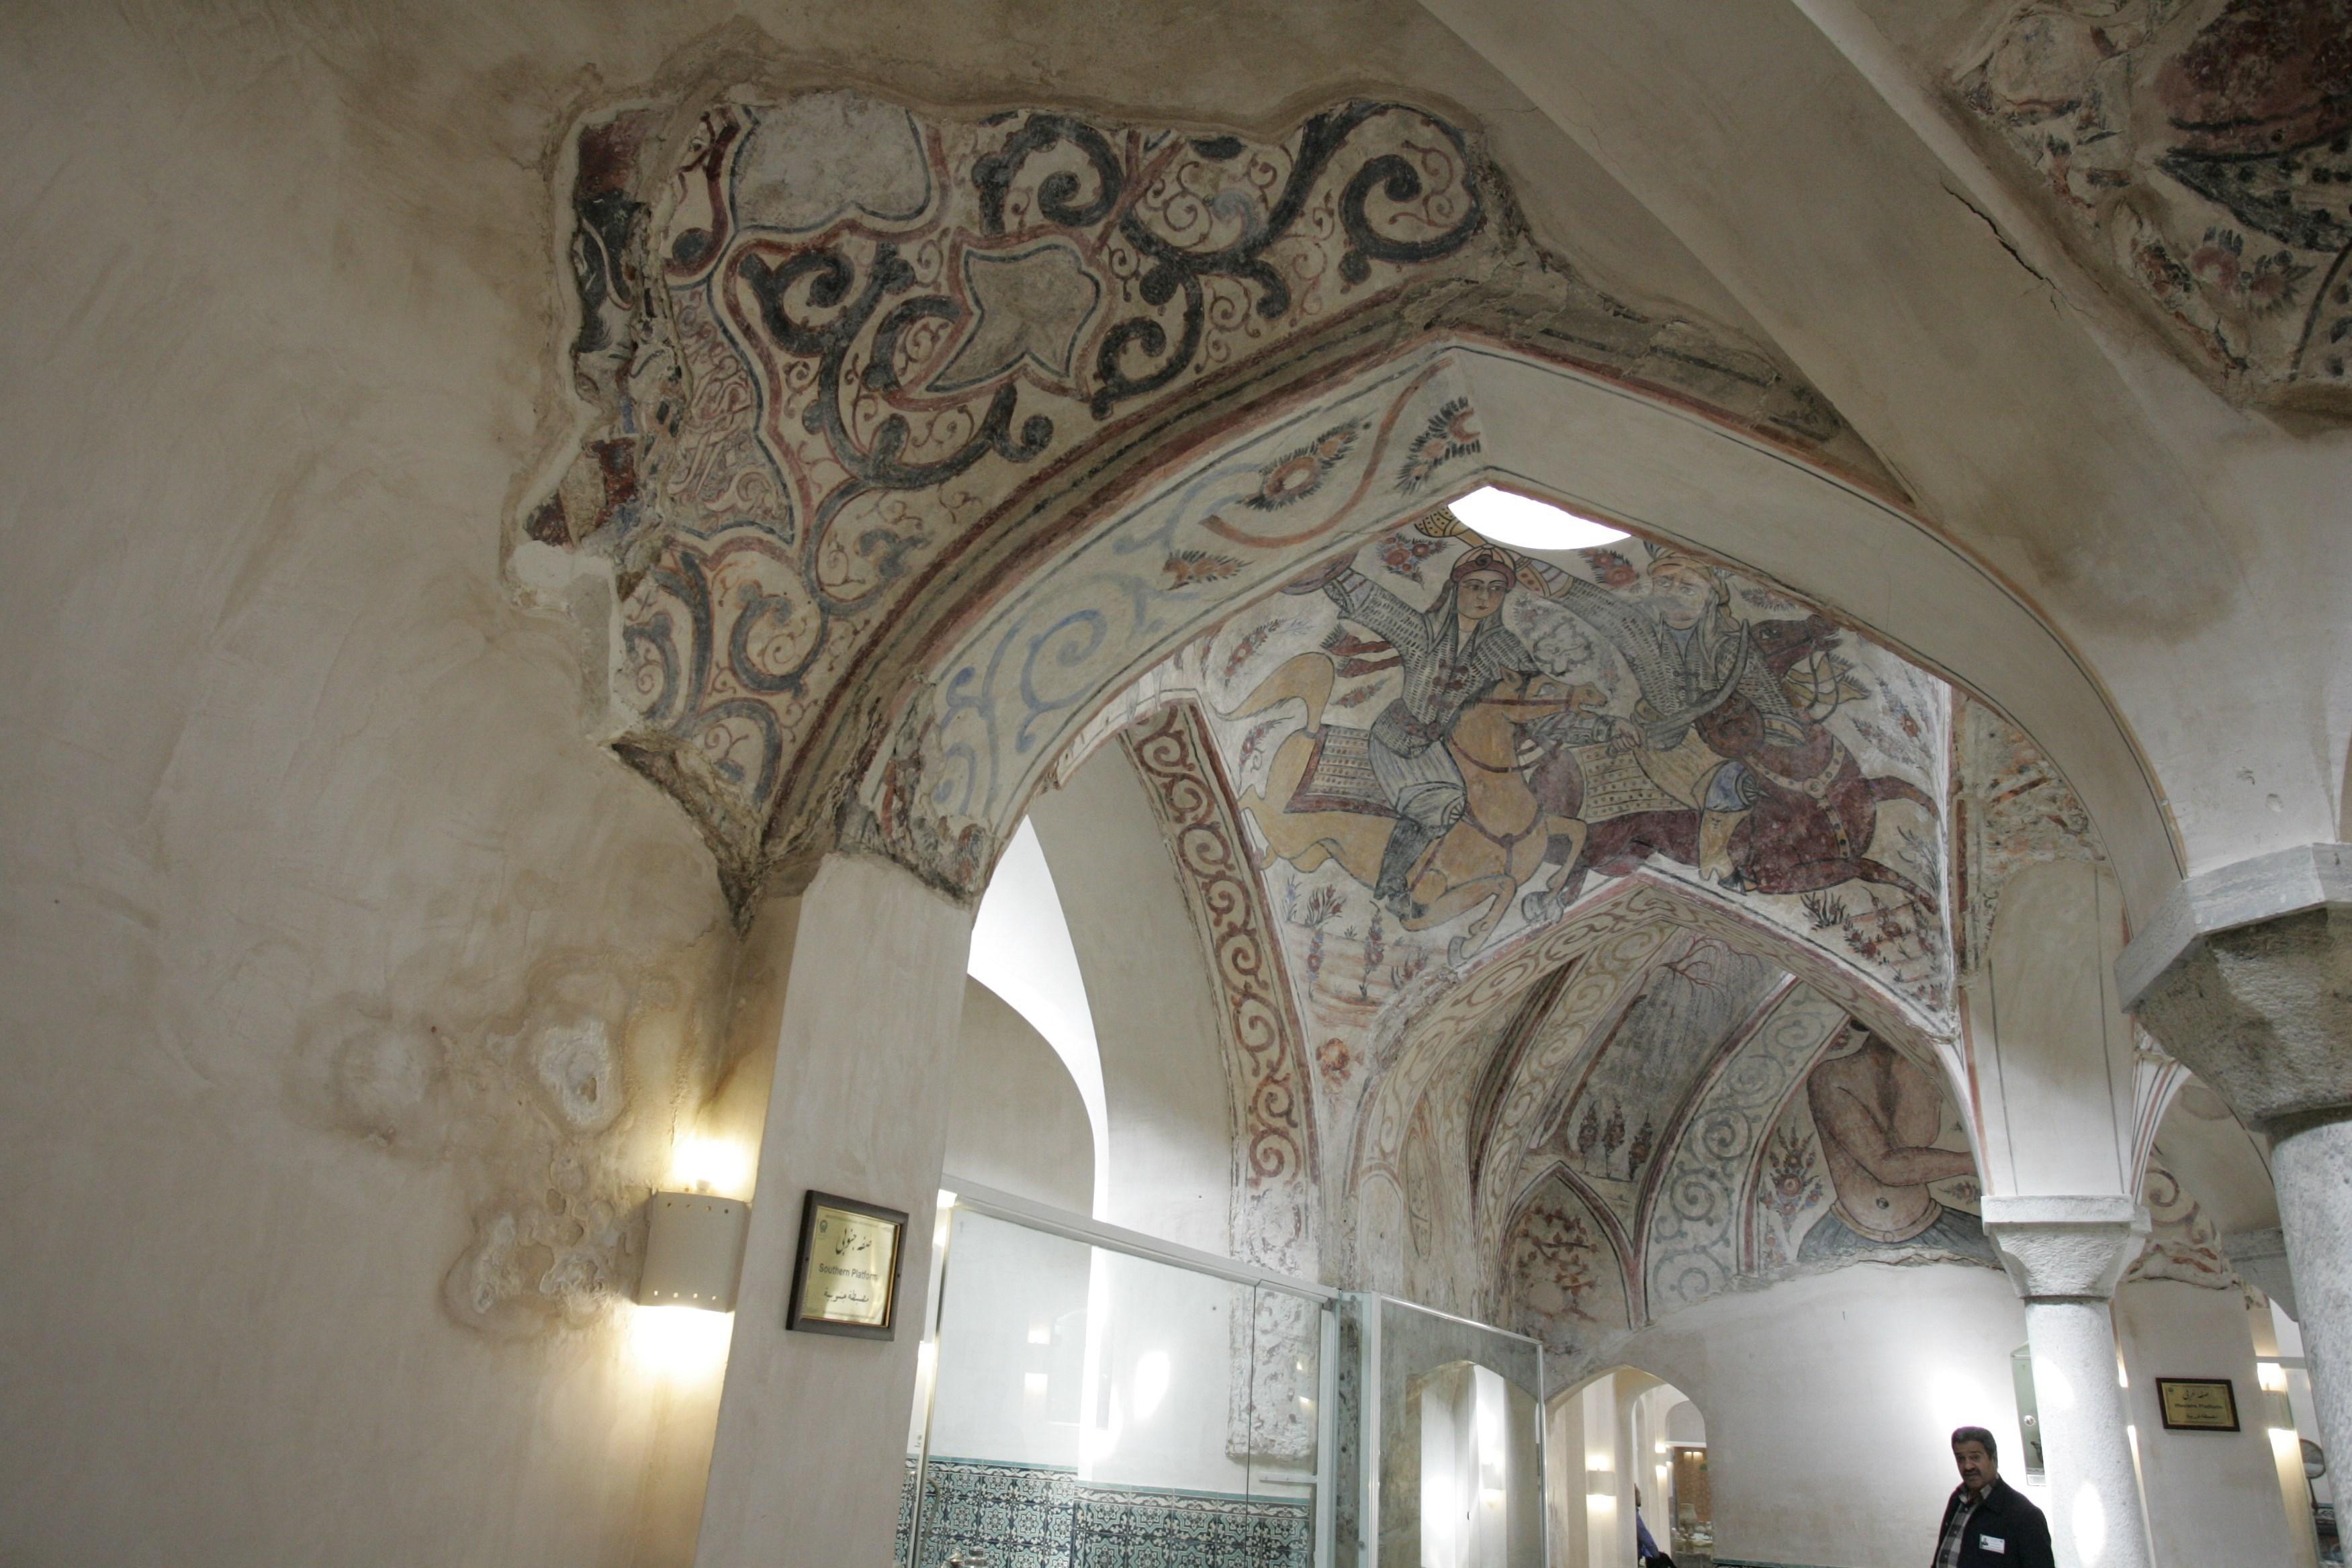 حمامی ۴۱۲ ساله وقفی با ۱۳ لایه نقاشی + تصاویر